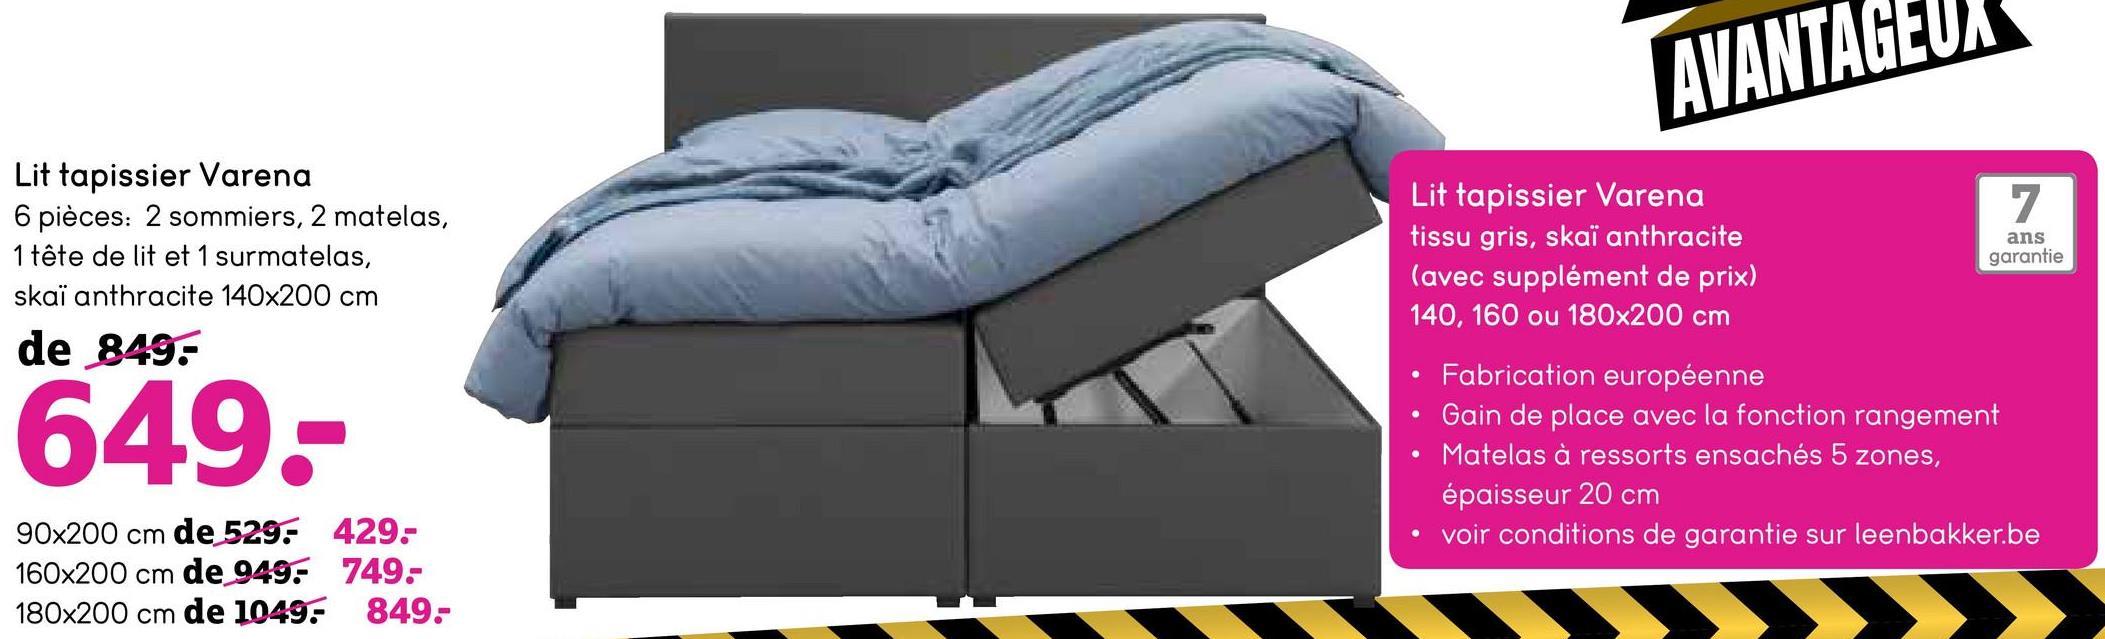 Lit tapissier Varena - gris - 180x200 cm - Leen Bakker Le lit tapissier Varena est un lit confortable avec fonction de rangement. Le lit box de 180x200 cm est revêtu du tissu gris Sawana.